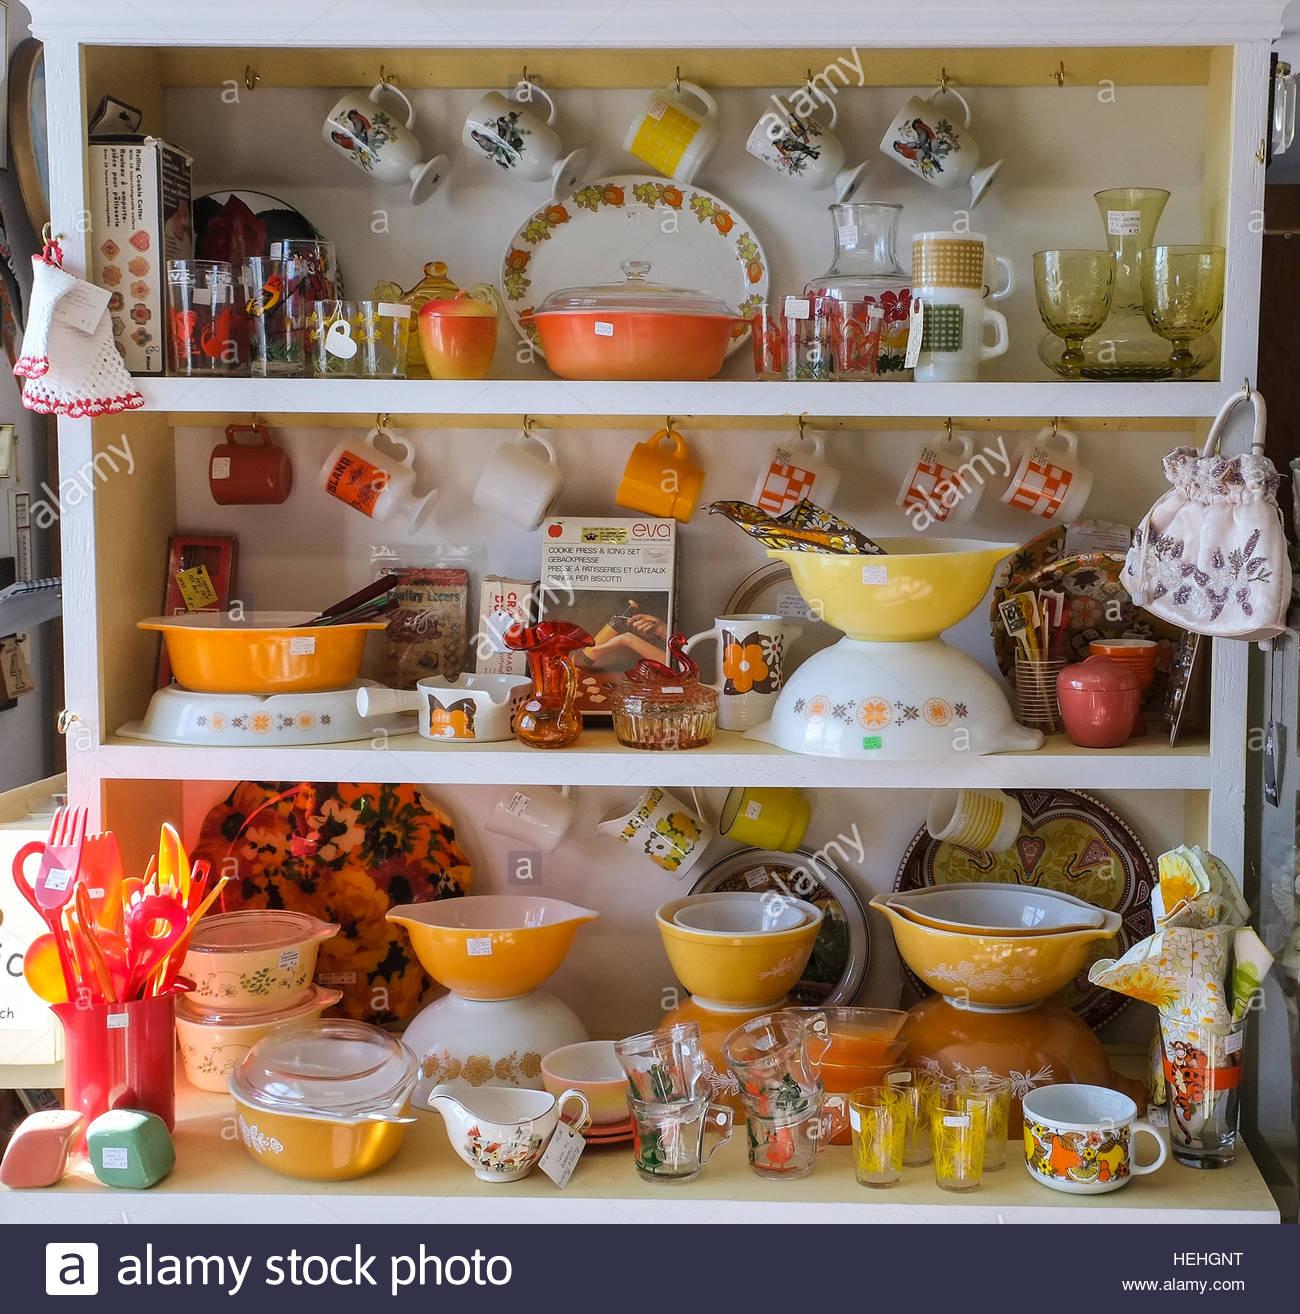 1950s Kitchen Cooking Stockfotos & 1950s Kitchen Cooking Bilder - Alamy